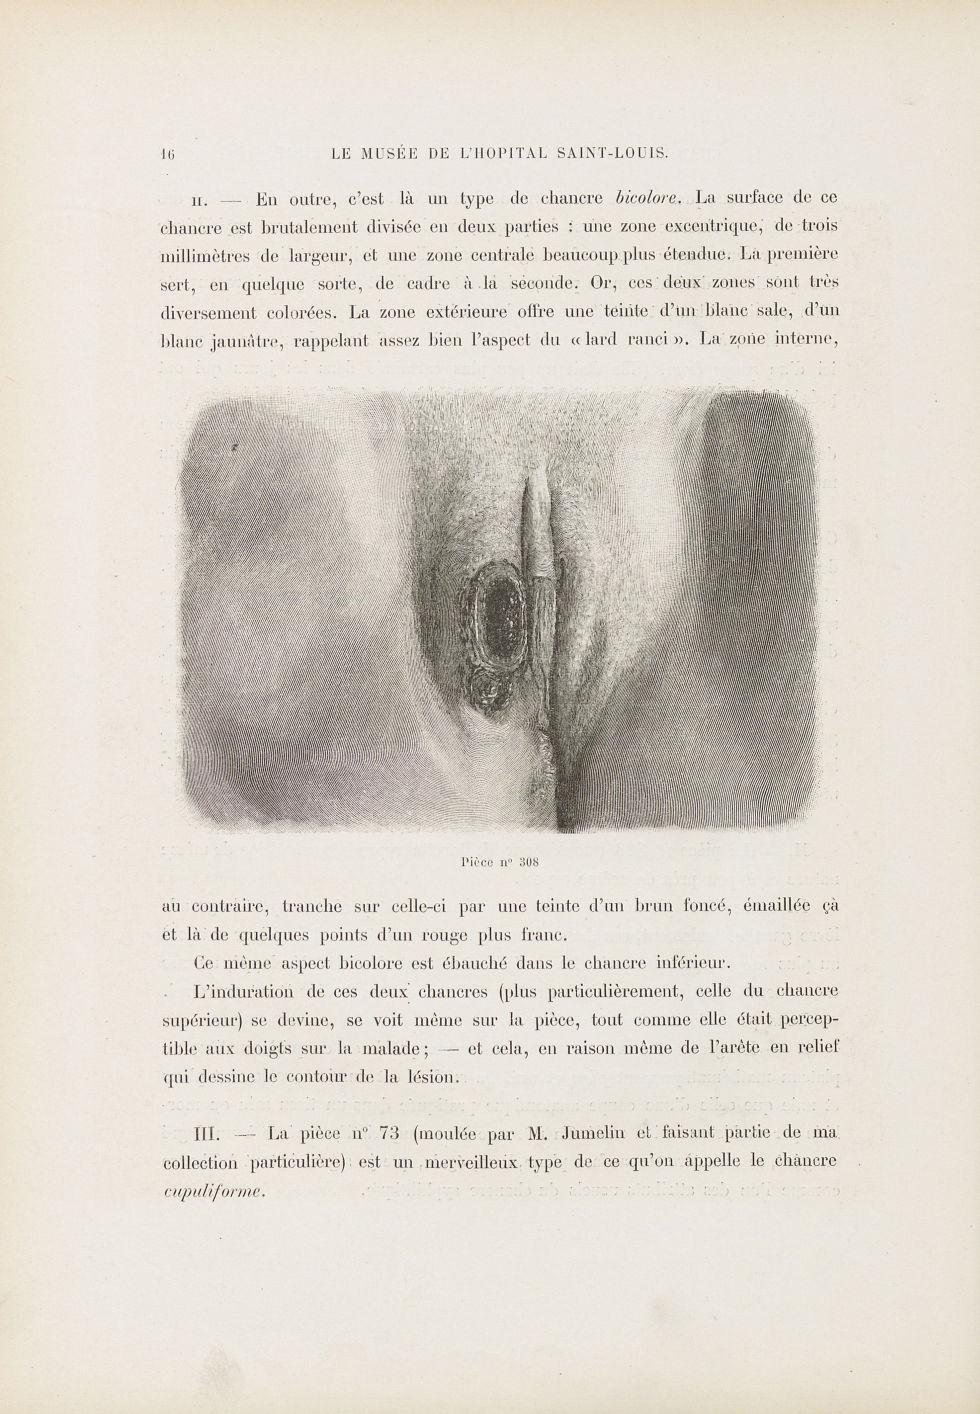 Deux chancres vulvaires juxtaposés - Le musée de l'hôpital Saint-Louis : iconographie des maladies c [...] - Dermatologie (peau). Syphilis (maladies infectieuses). Maladies sexuellement transmissibles. Organes génitaux femelles. 19e siècle (France) - med01740x0026